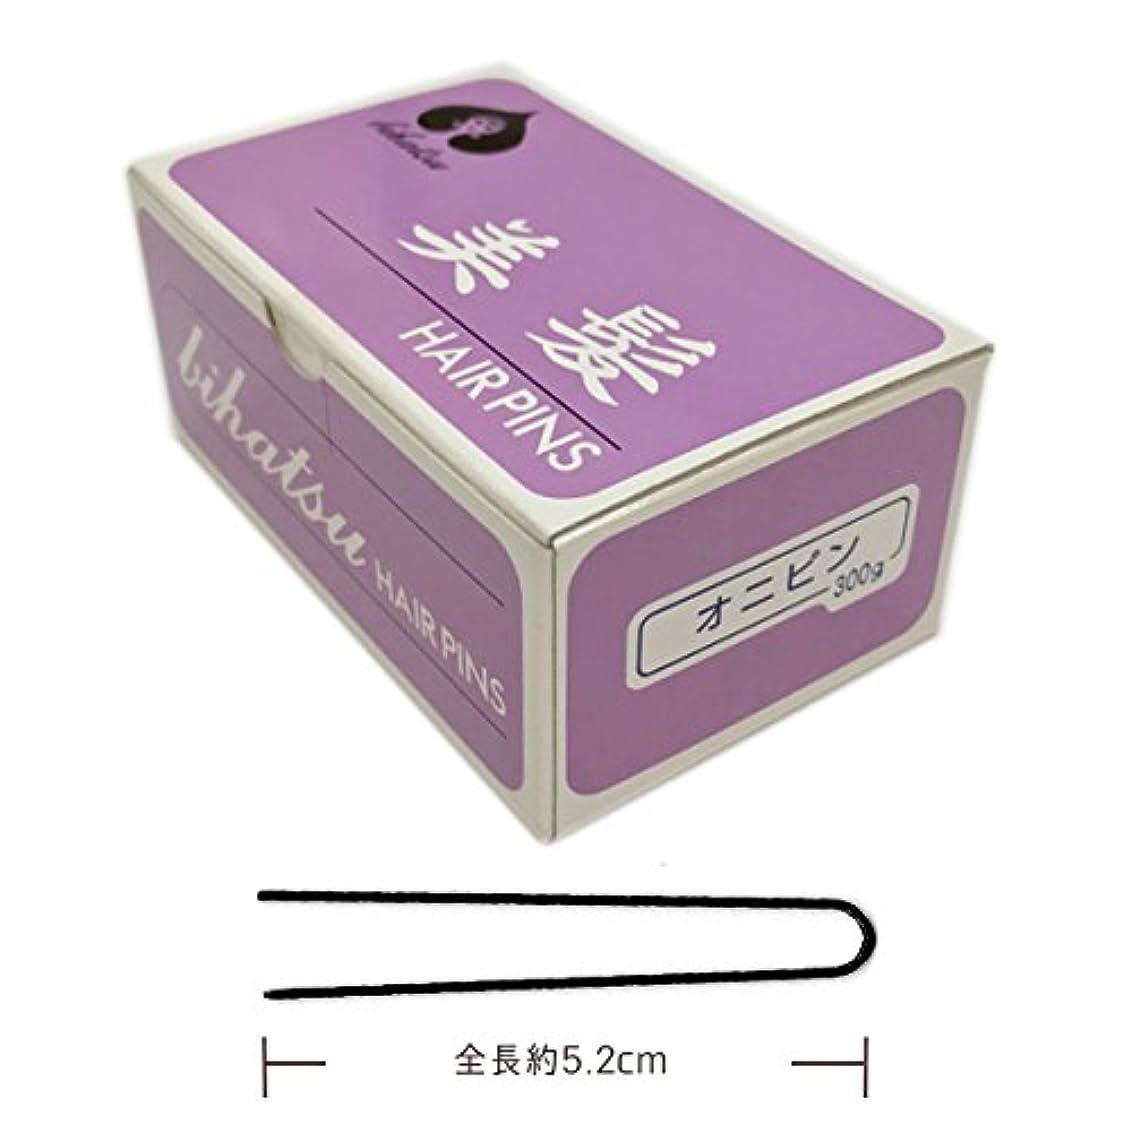 工業化するキャベツうんざりヒラヤマ ビハツ オニピン (美髪) 300g約560本入